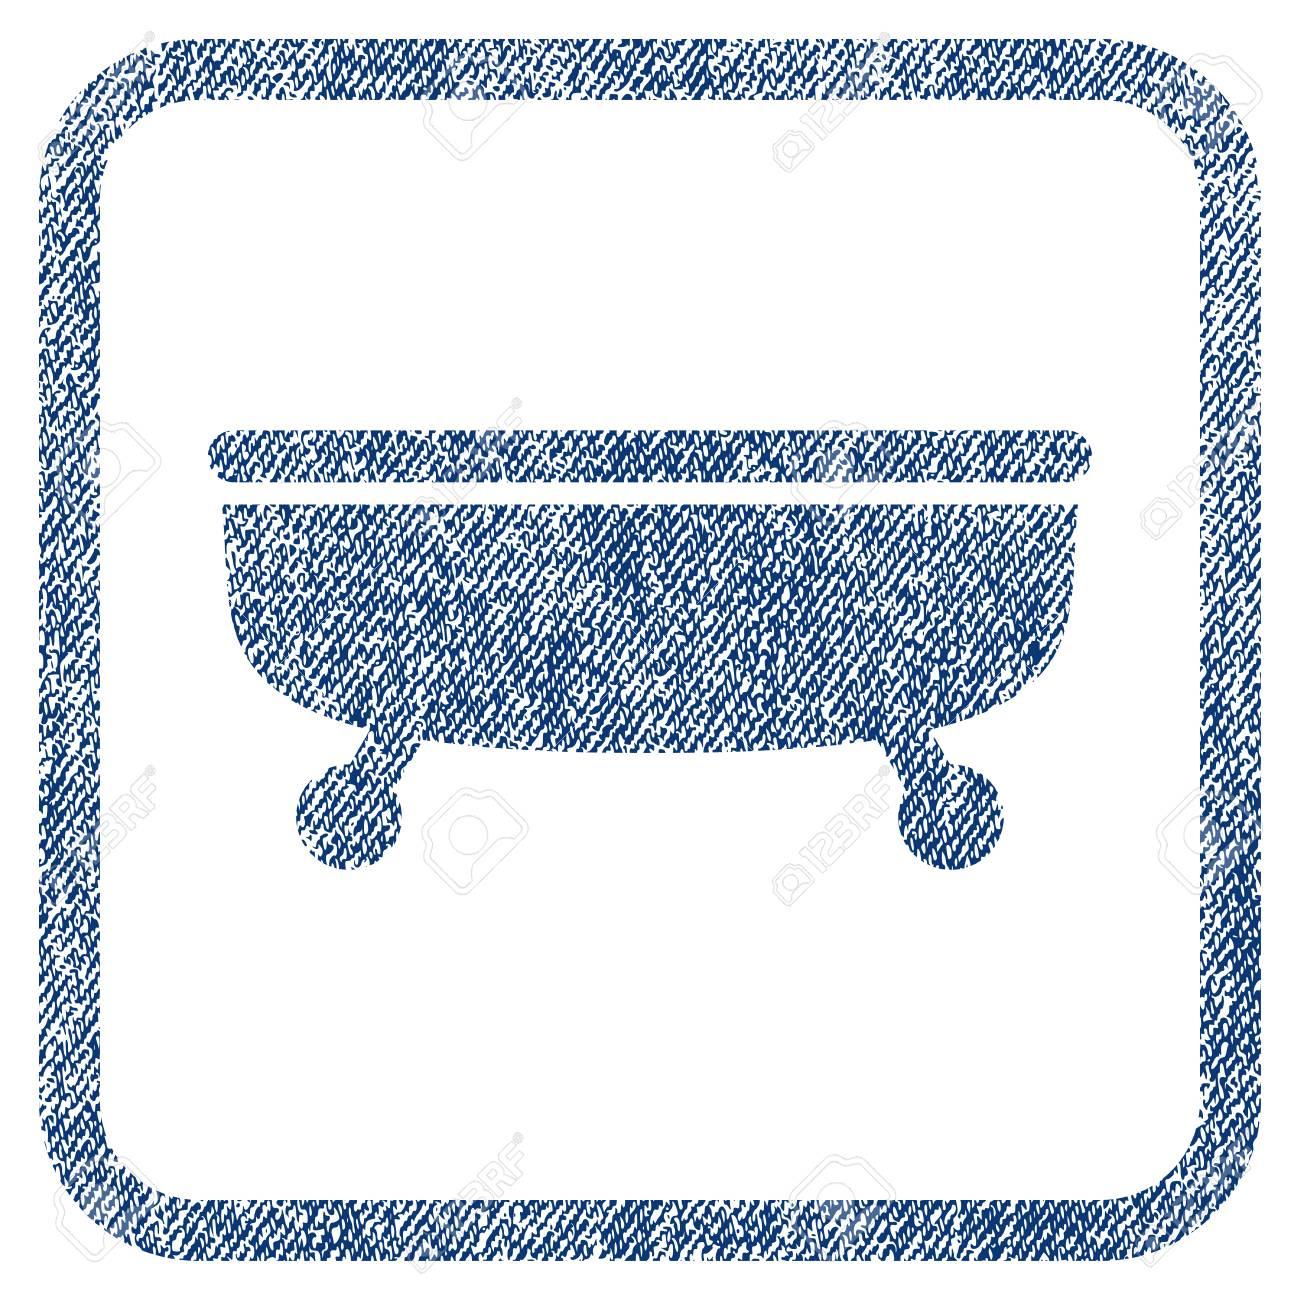 Contemporary Bathtub Overlay Crest - Bathtub Ideas - dilata.info